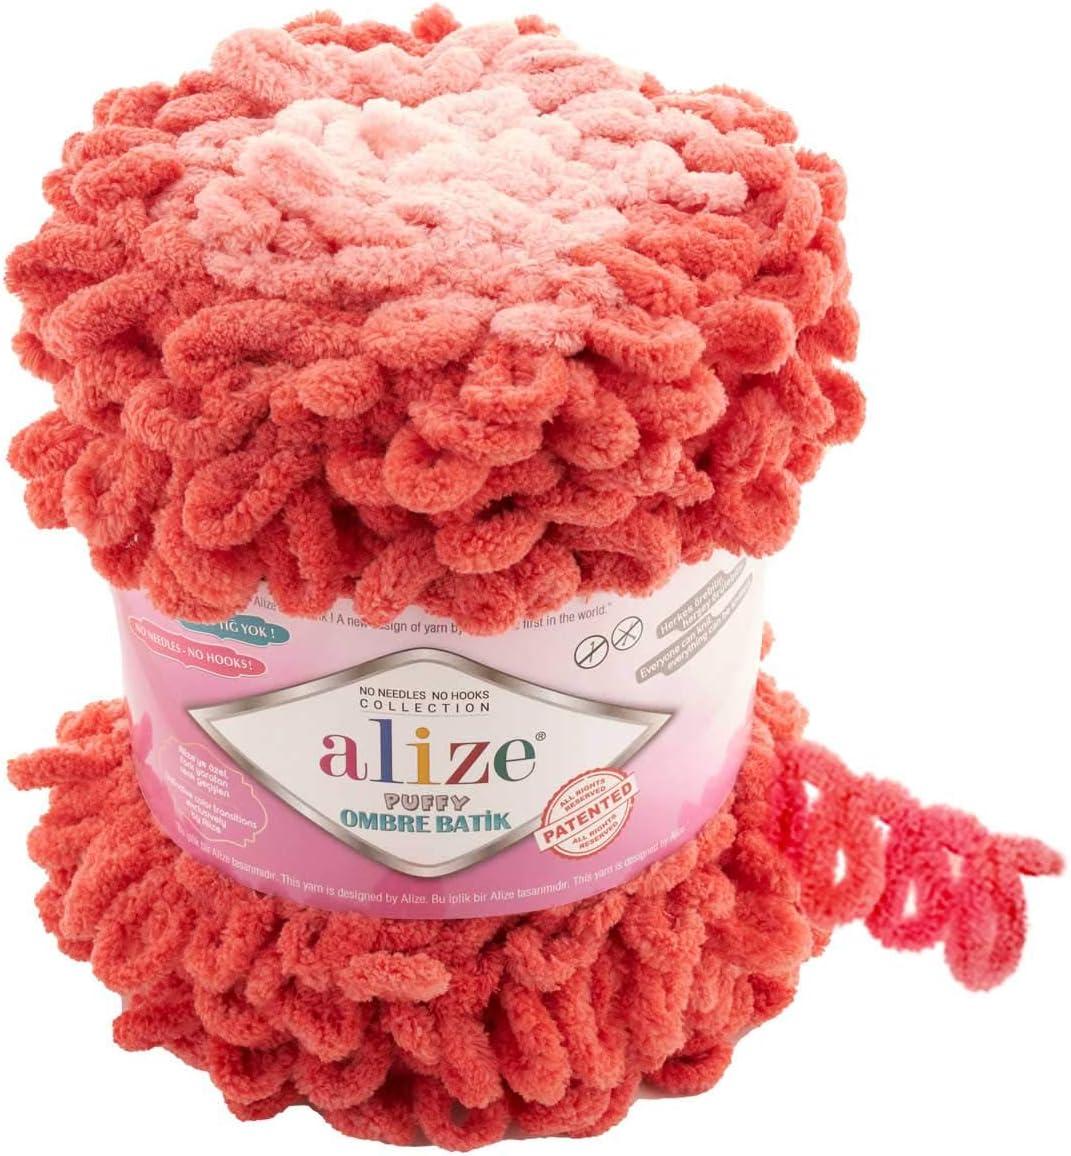 Yarn Alize SOFTY PLUS OMBRE Batik Yarn Plush Yarn Gradient Yarn Bulky Yarn Multicolor Yarn Chunky Yarn Baby Rainbow Yarn Color Mix